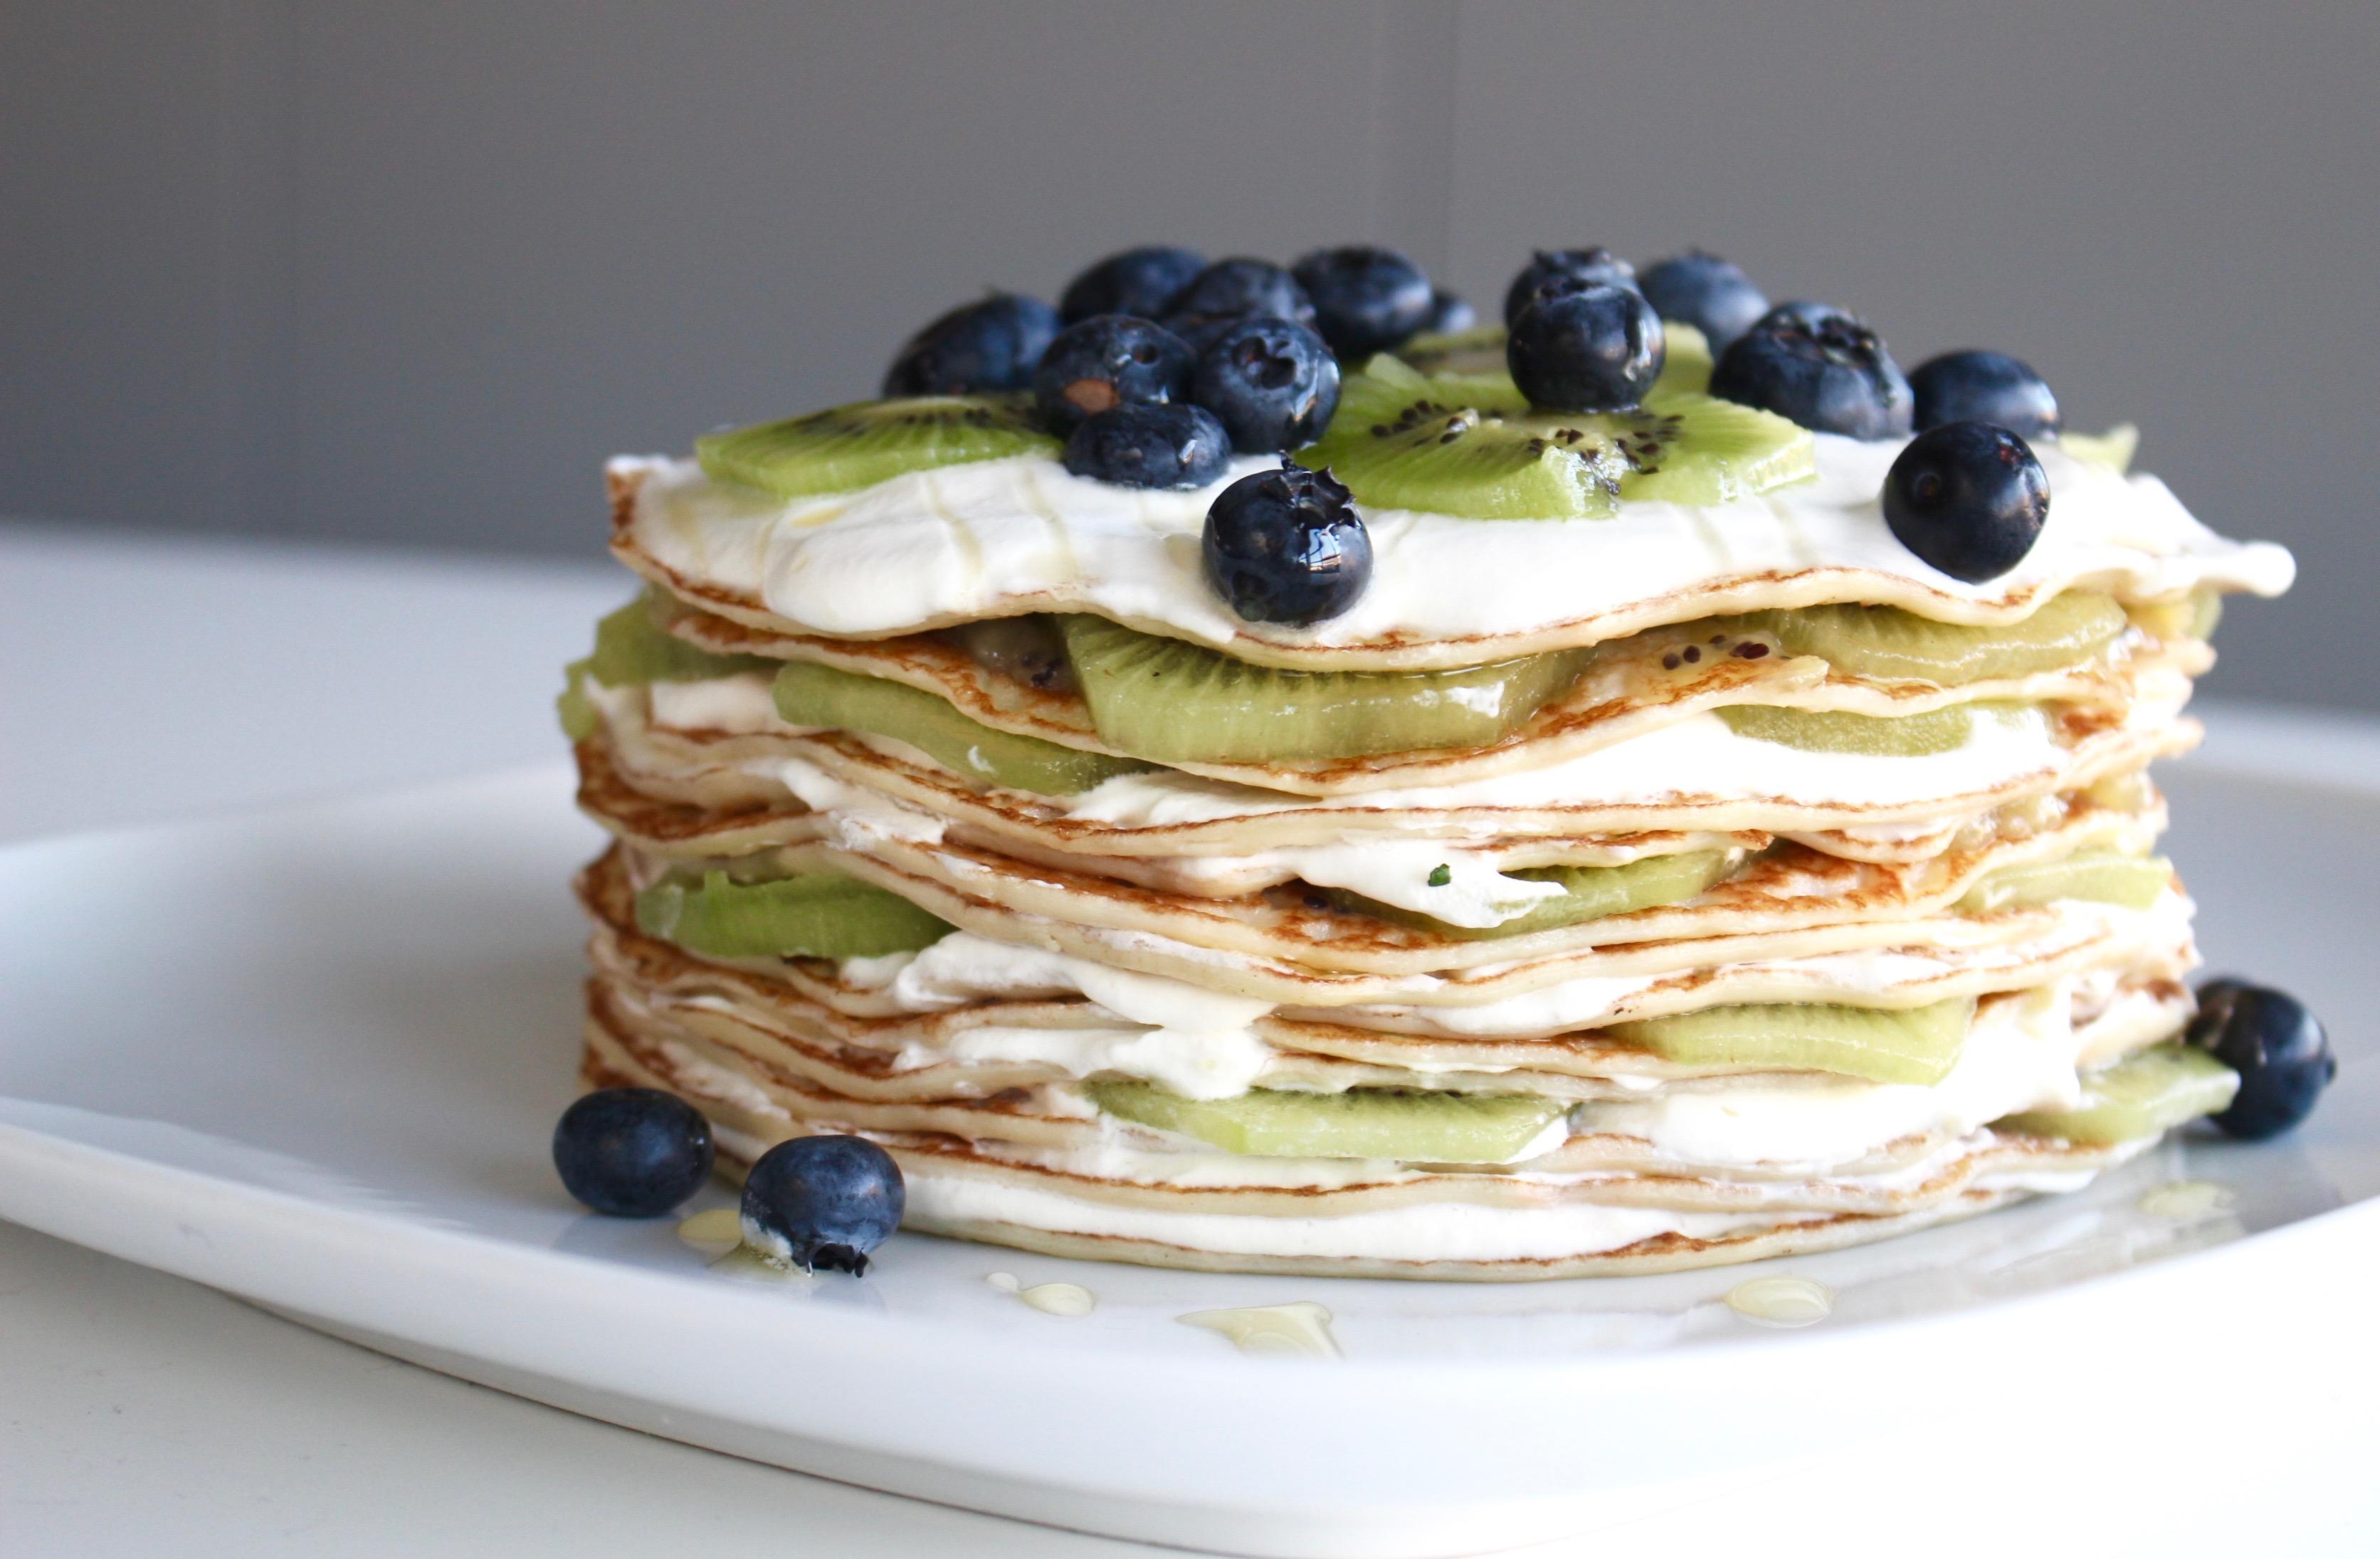 Pannkakstårta med kiwi och blåbär